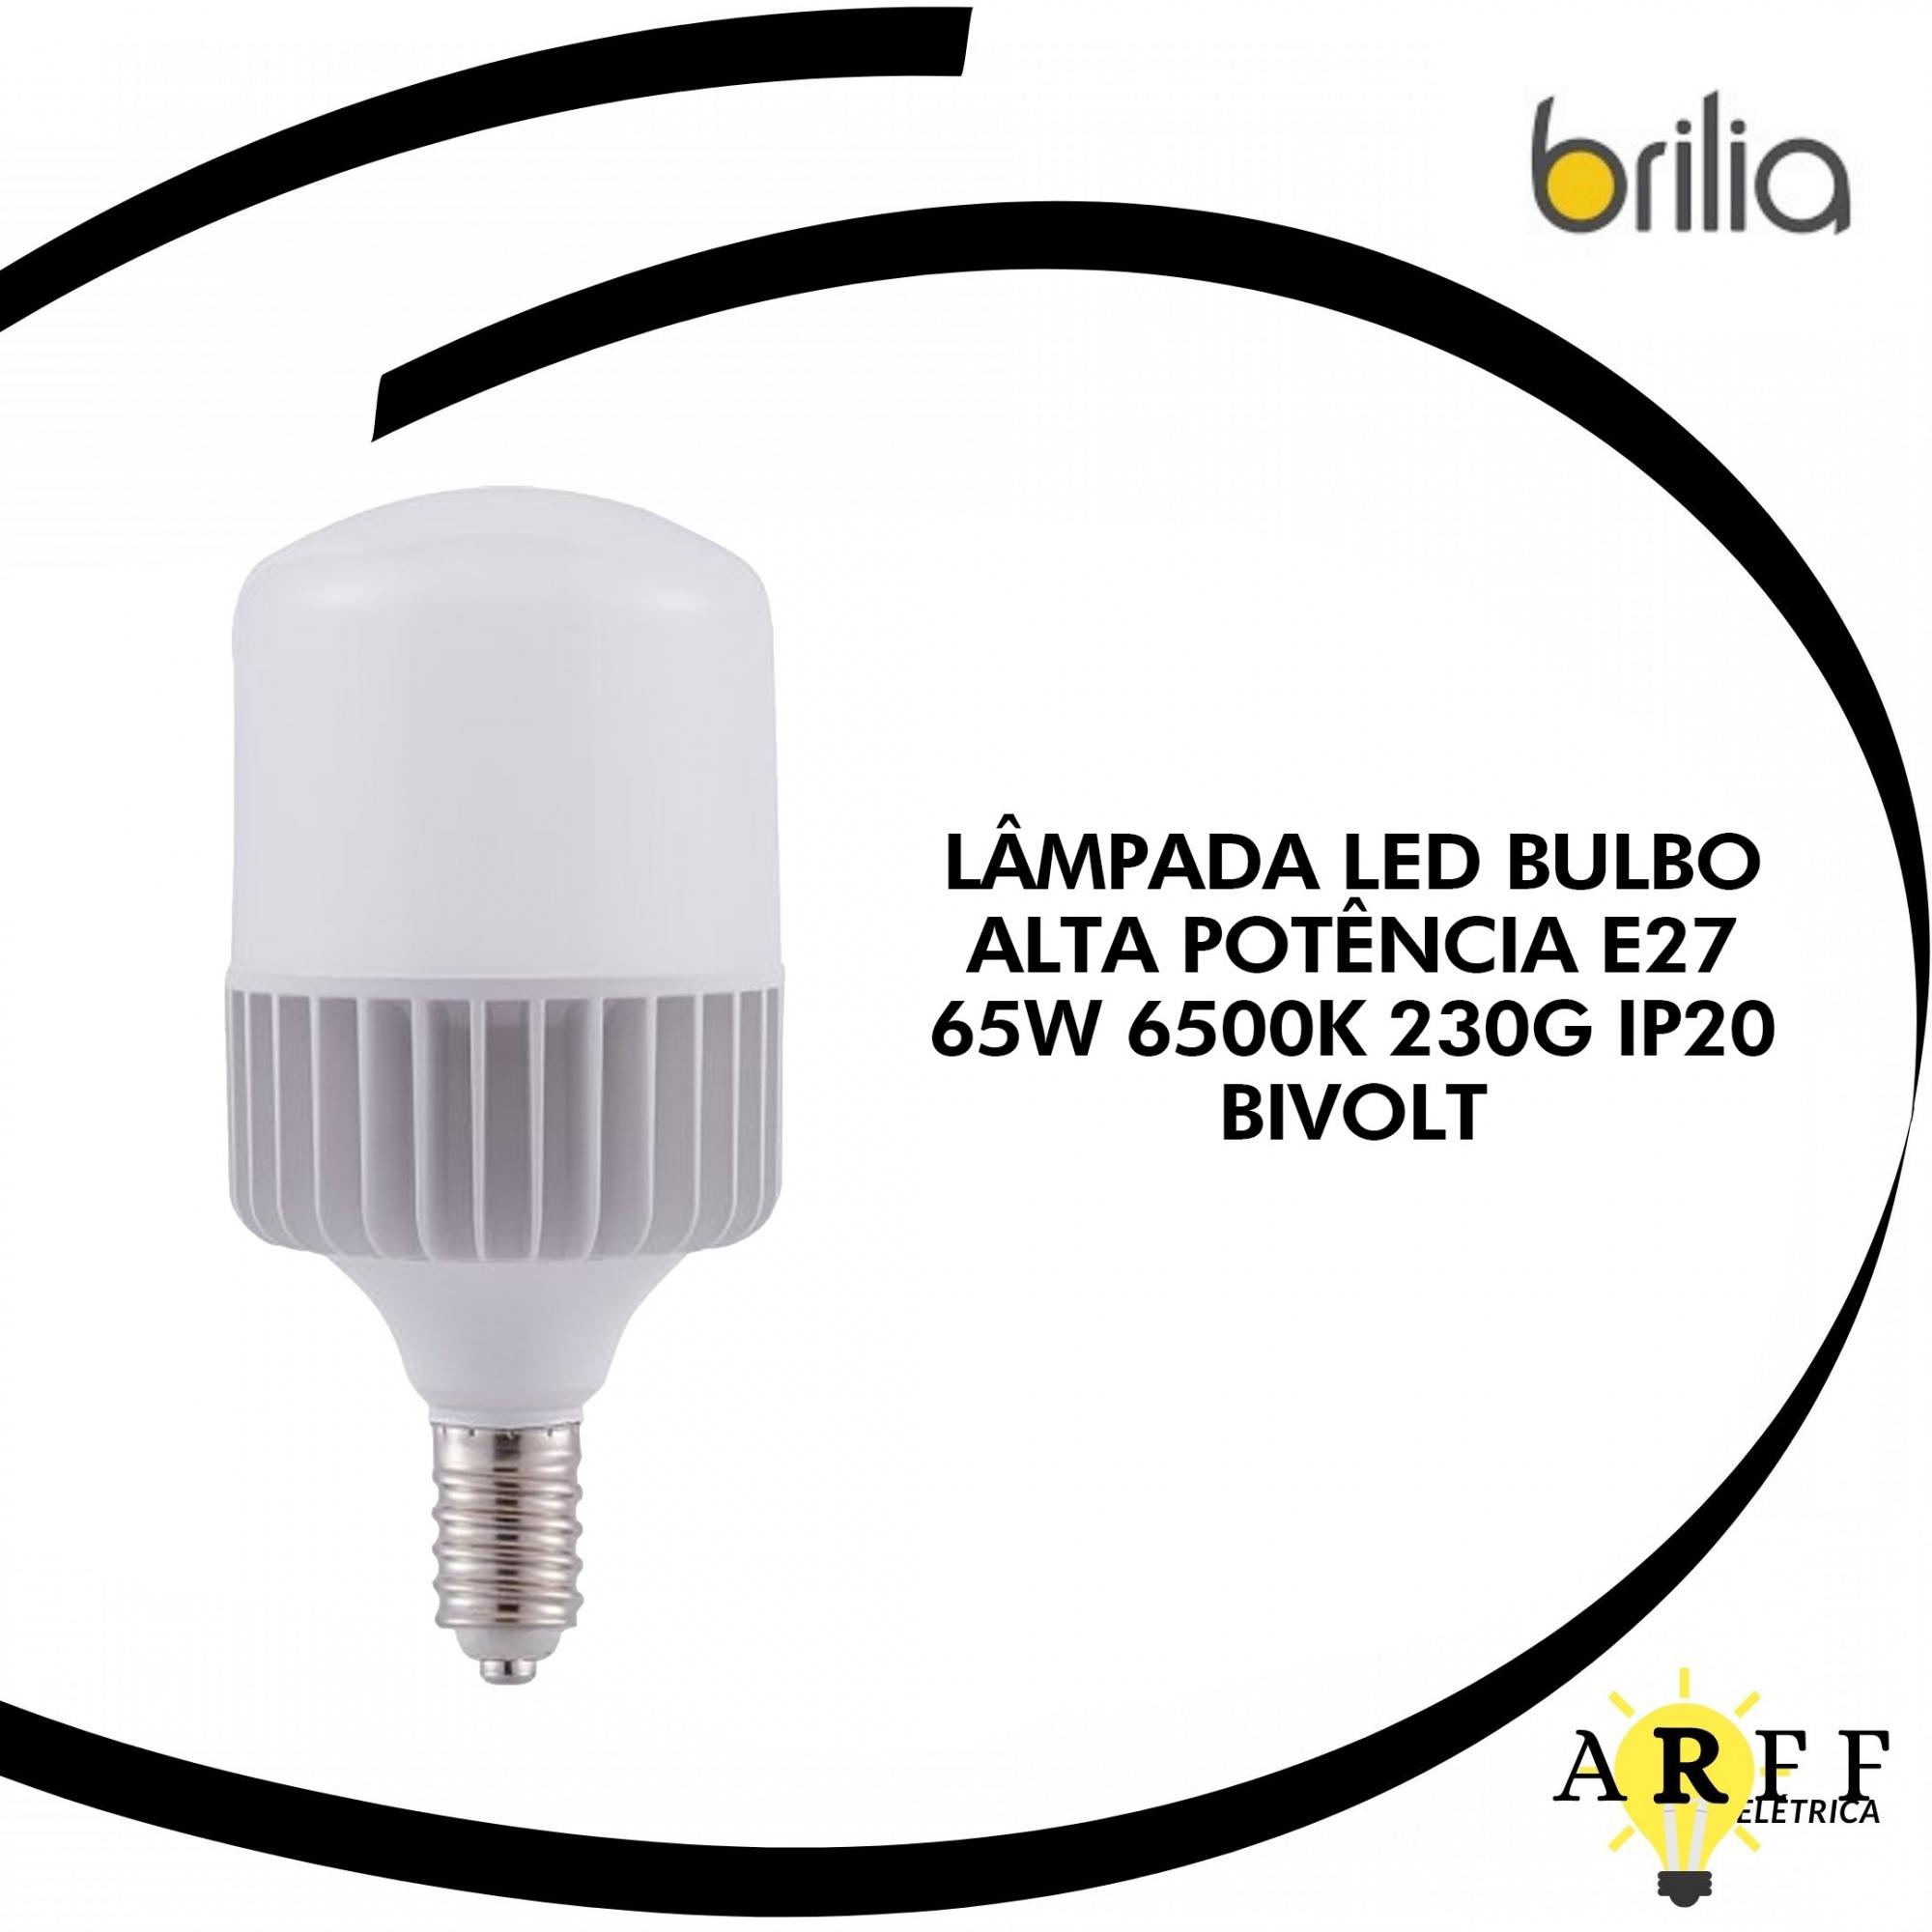 LÂMPADA LED BRILIA BULBO ALTA POTÊNCIA E27 65W 6500K 230G IP20 BIVOLT